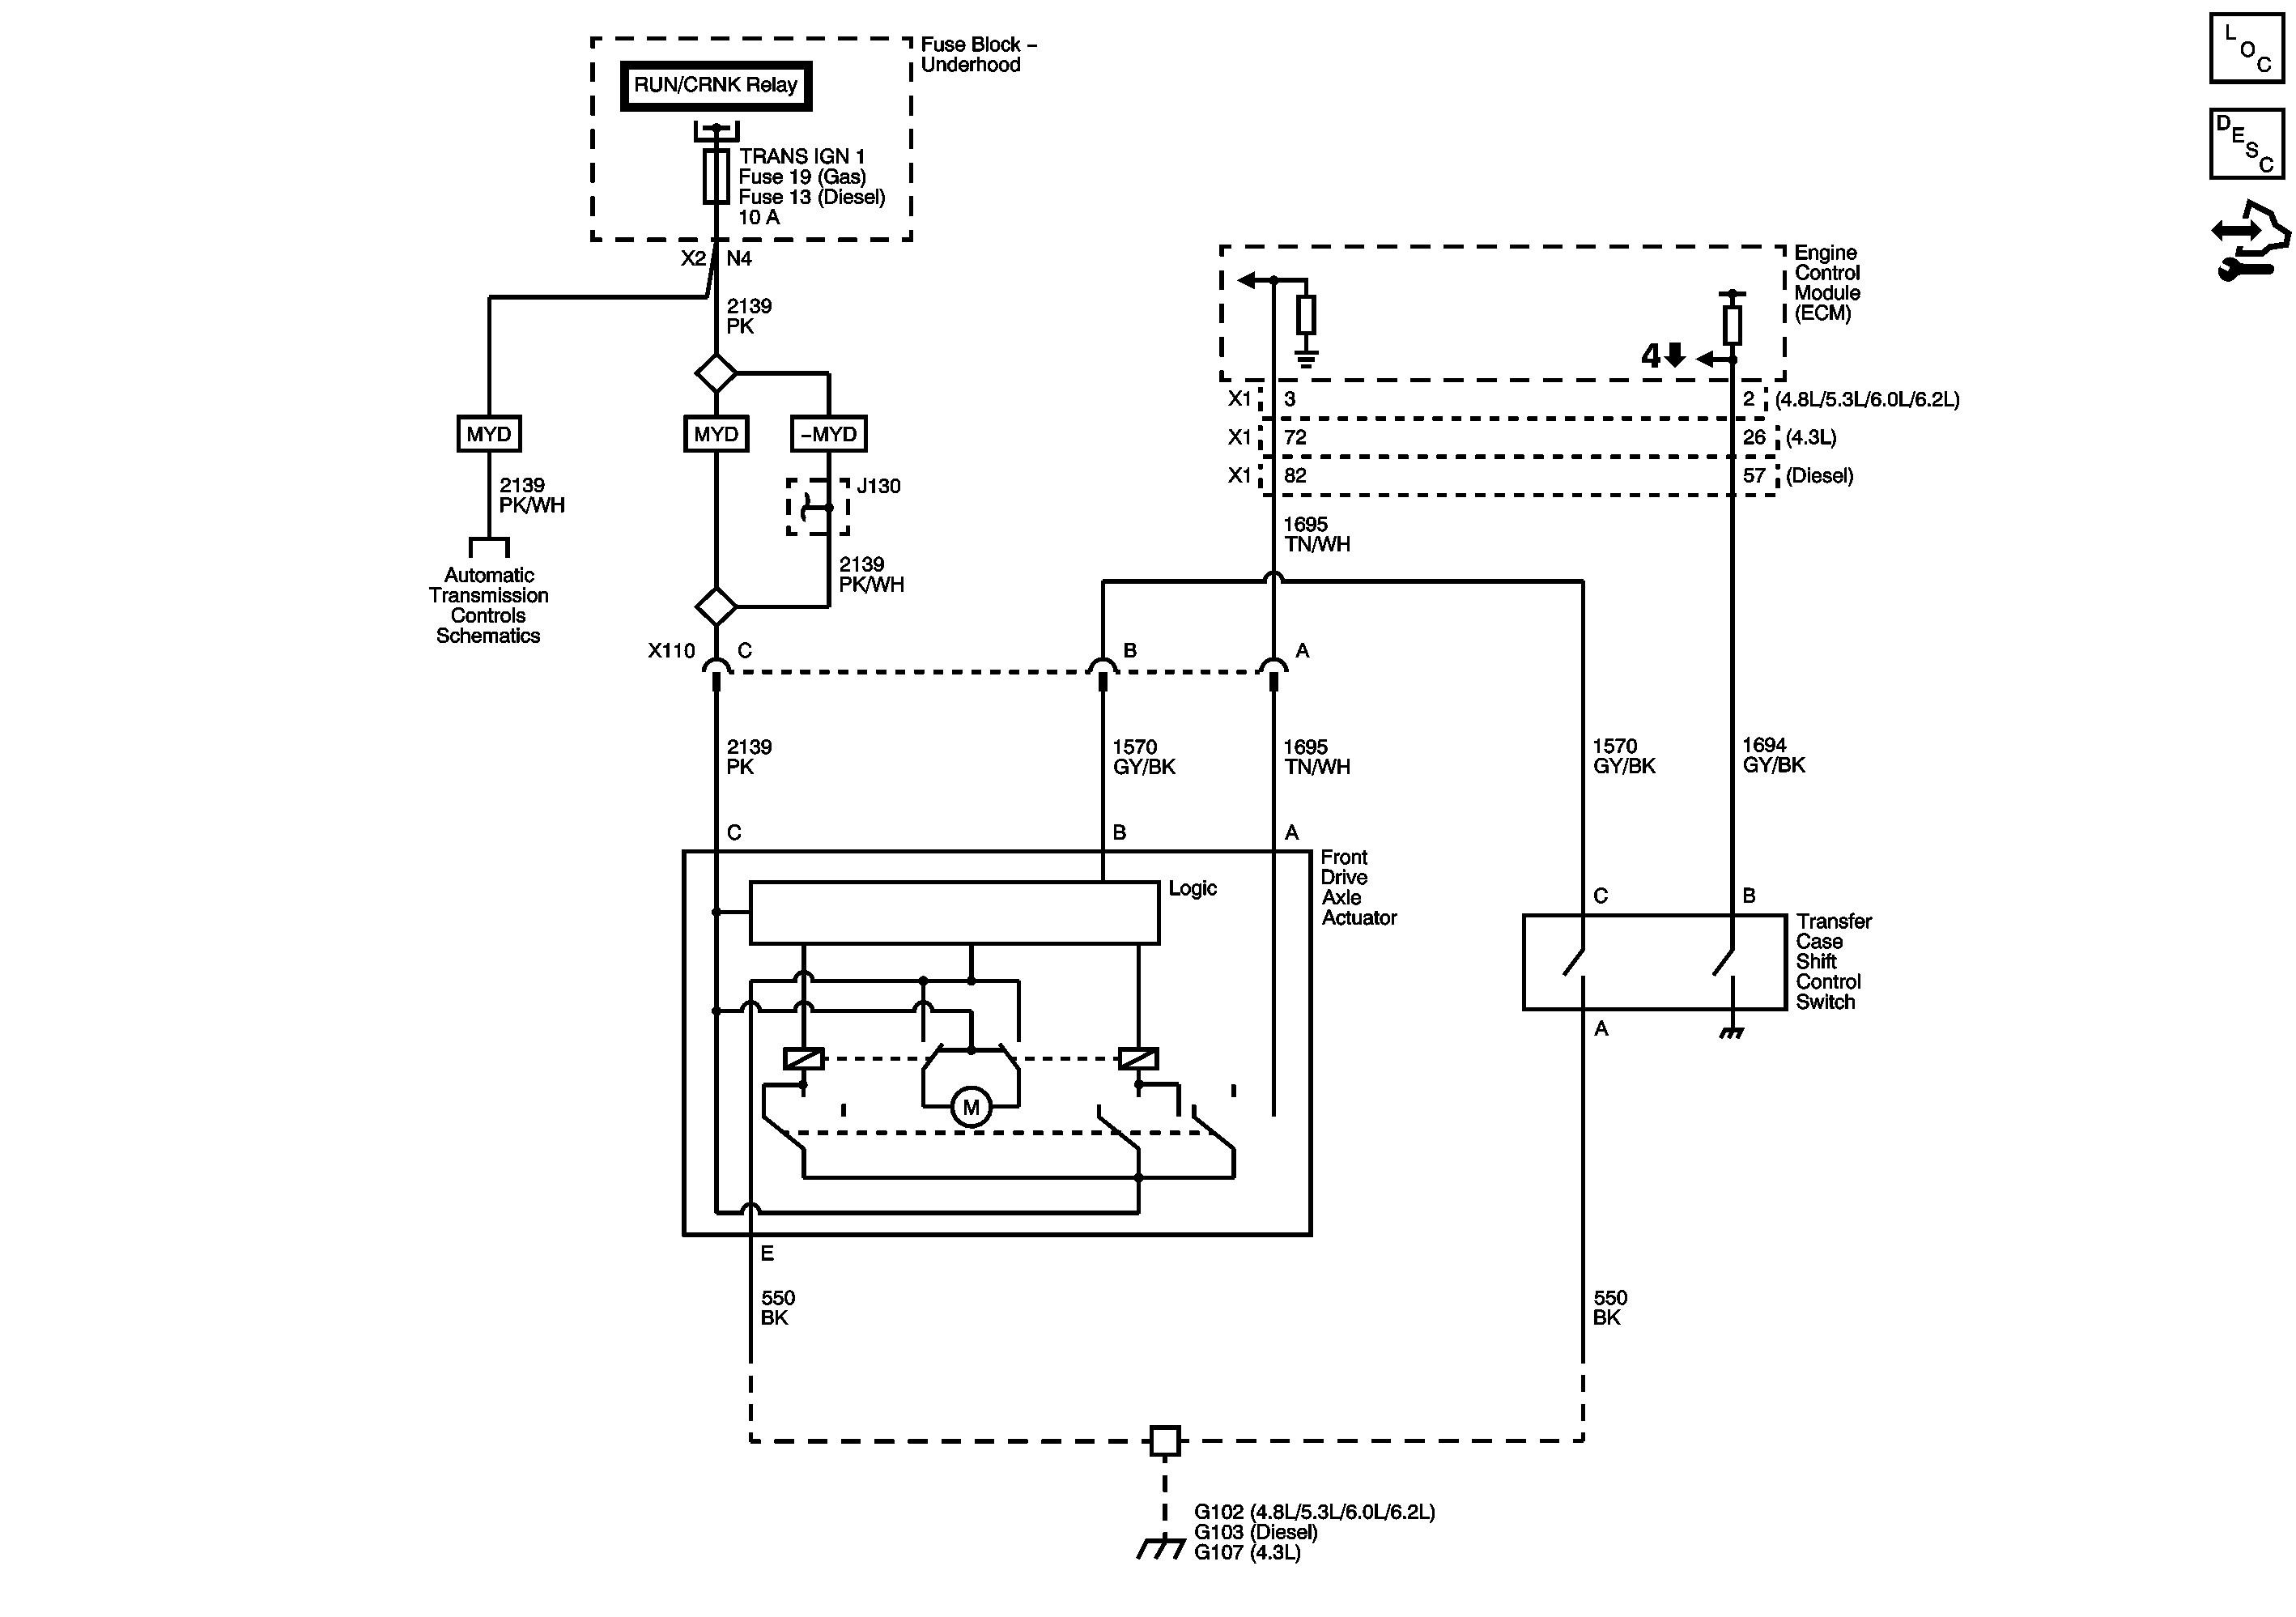 Drivetrain Diagram 4wd Silveradosierra • Gmt 900 4wd Function Transmission Drivetrain Of Drivetrain Diagram 4wd